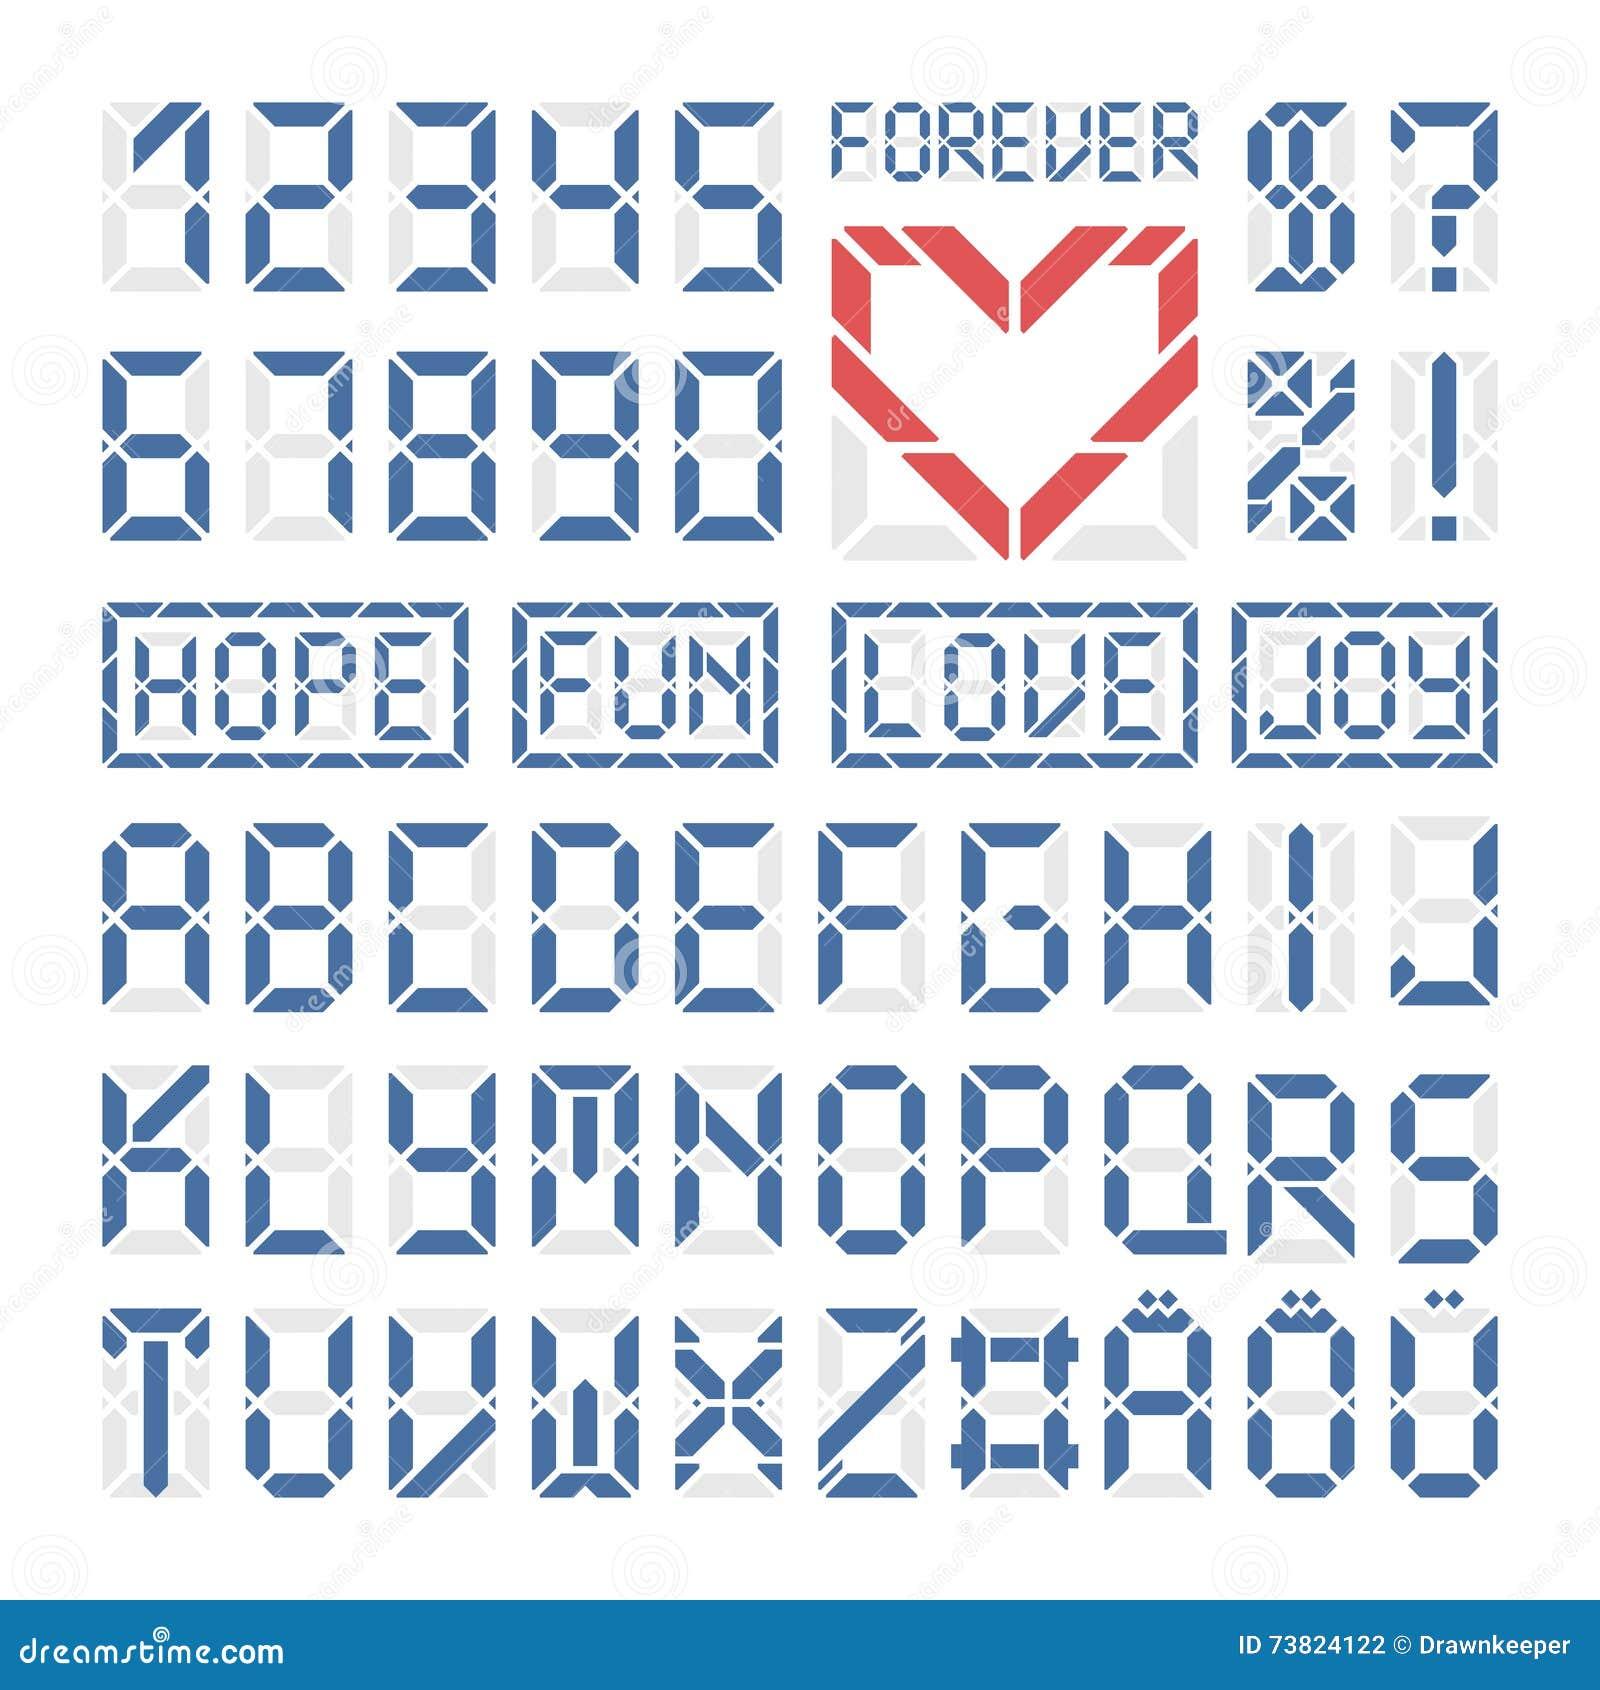 buchstaben und zahlen des lateinischen alphabetes digital gusses vektor abbildung illustration. Black Bedroom Furniture Sets. Home Design Ideas